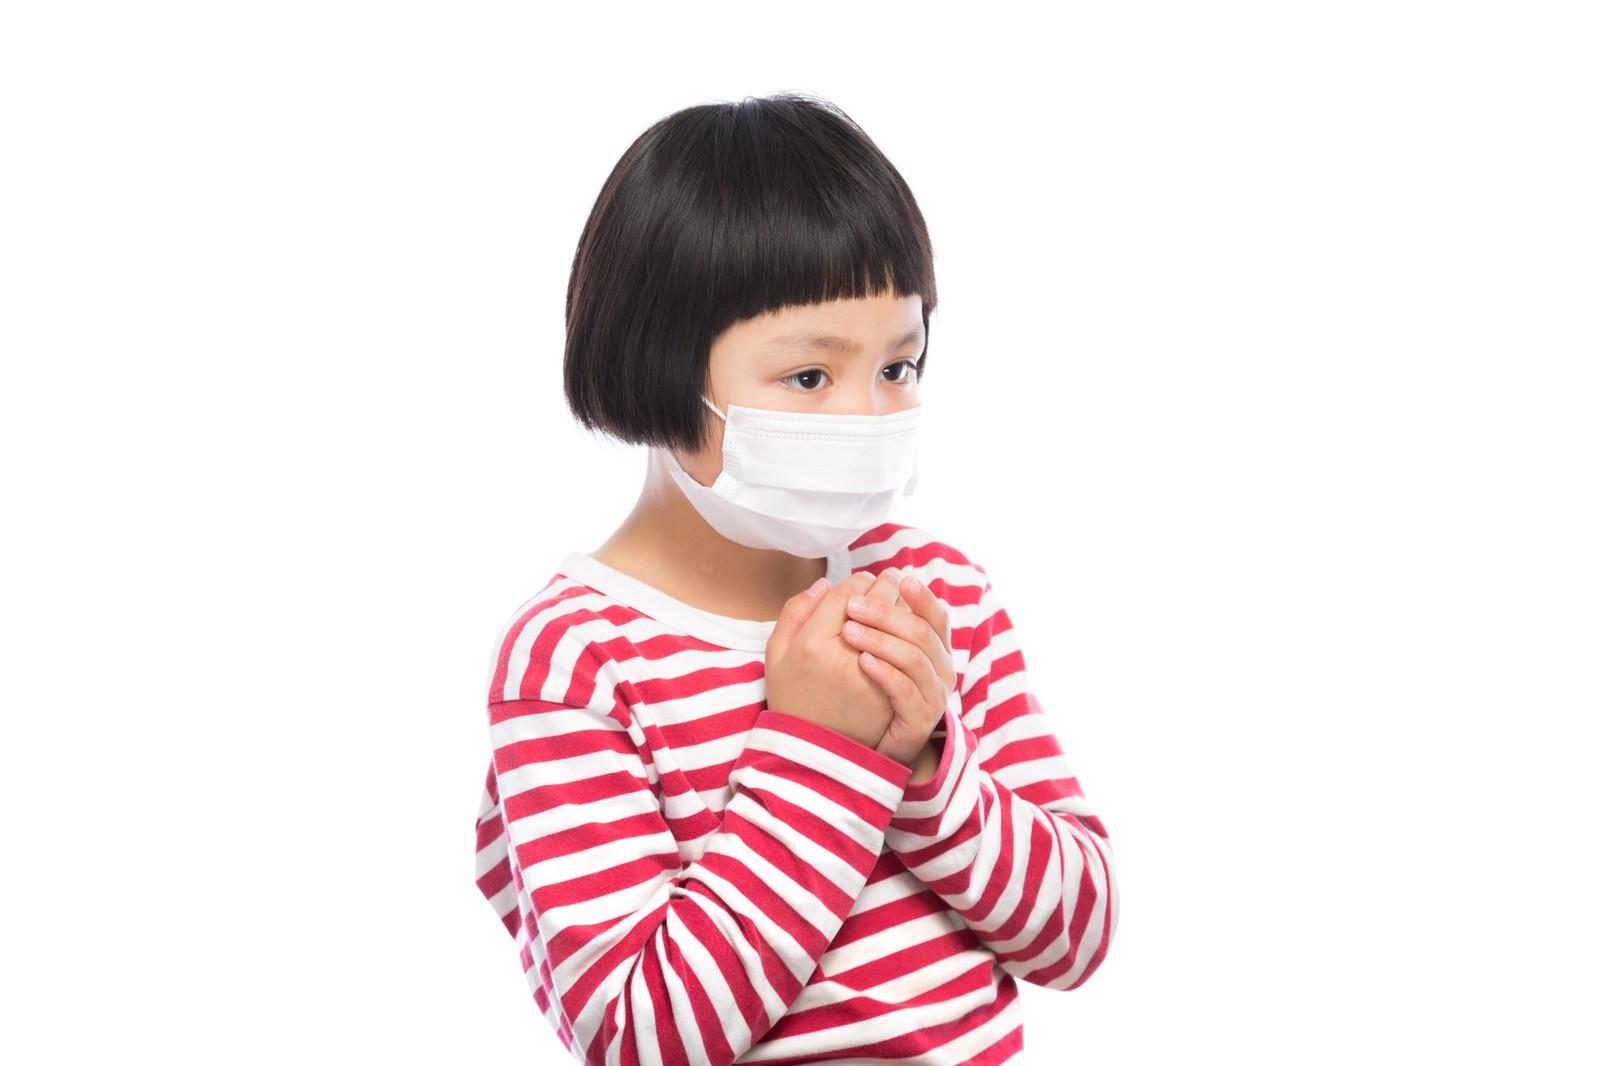 受付に立つ医療事務はインフルエンザシーズンでもマスク着用禁止の謎